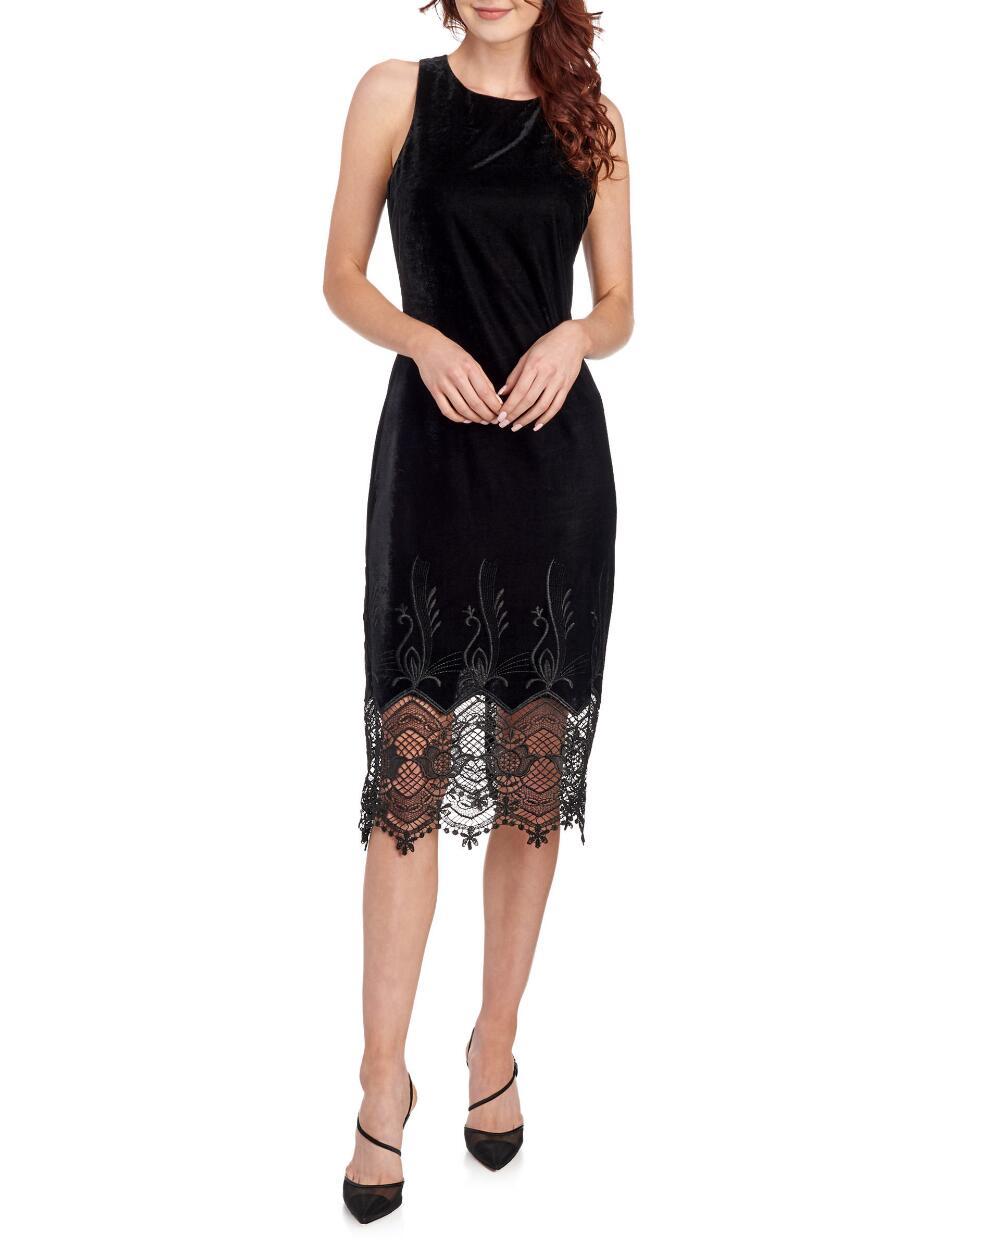 Women S New Arrivals Latest Trends Stein Mart Cocktail Attire Dresses Midi Dress [ 1250 x 1000 Pixel ]